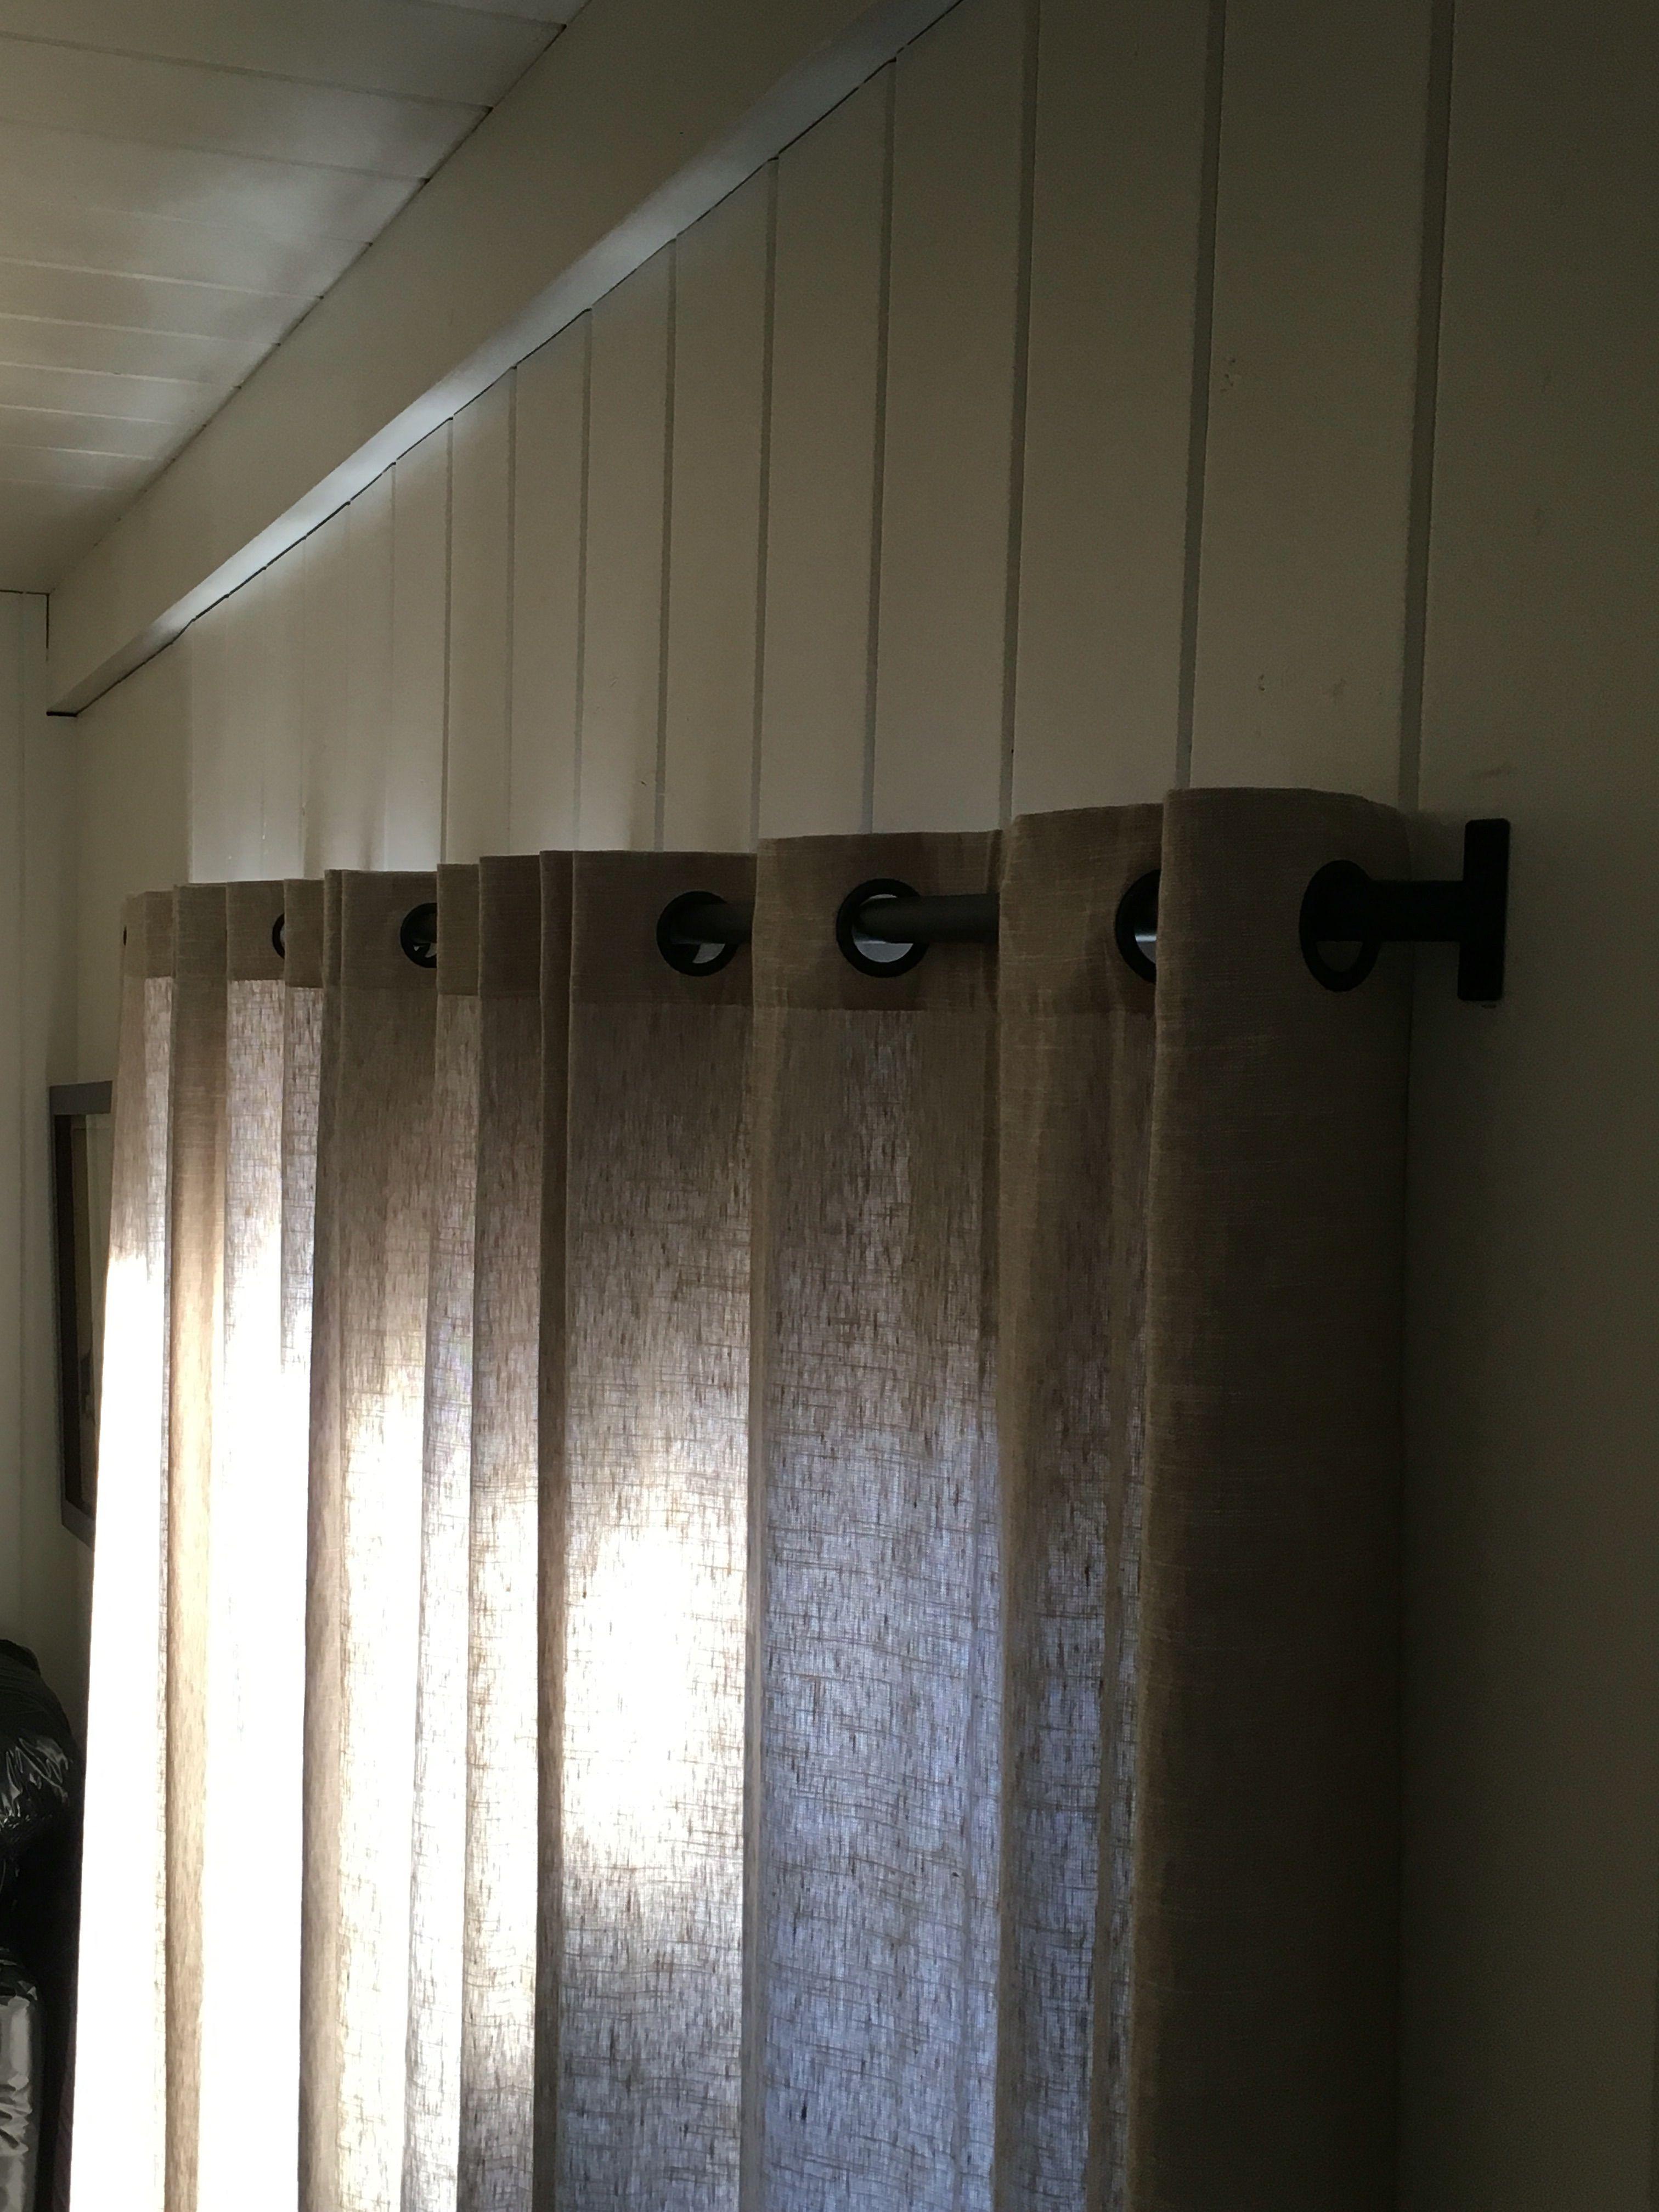 1 Curtain Rod Industrial Rod Modern Iron D Ry